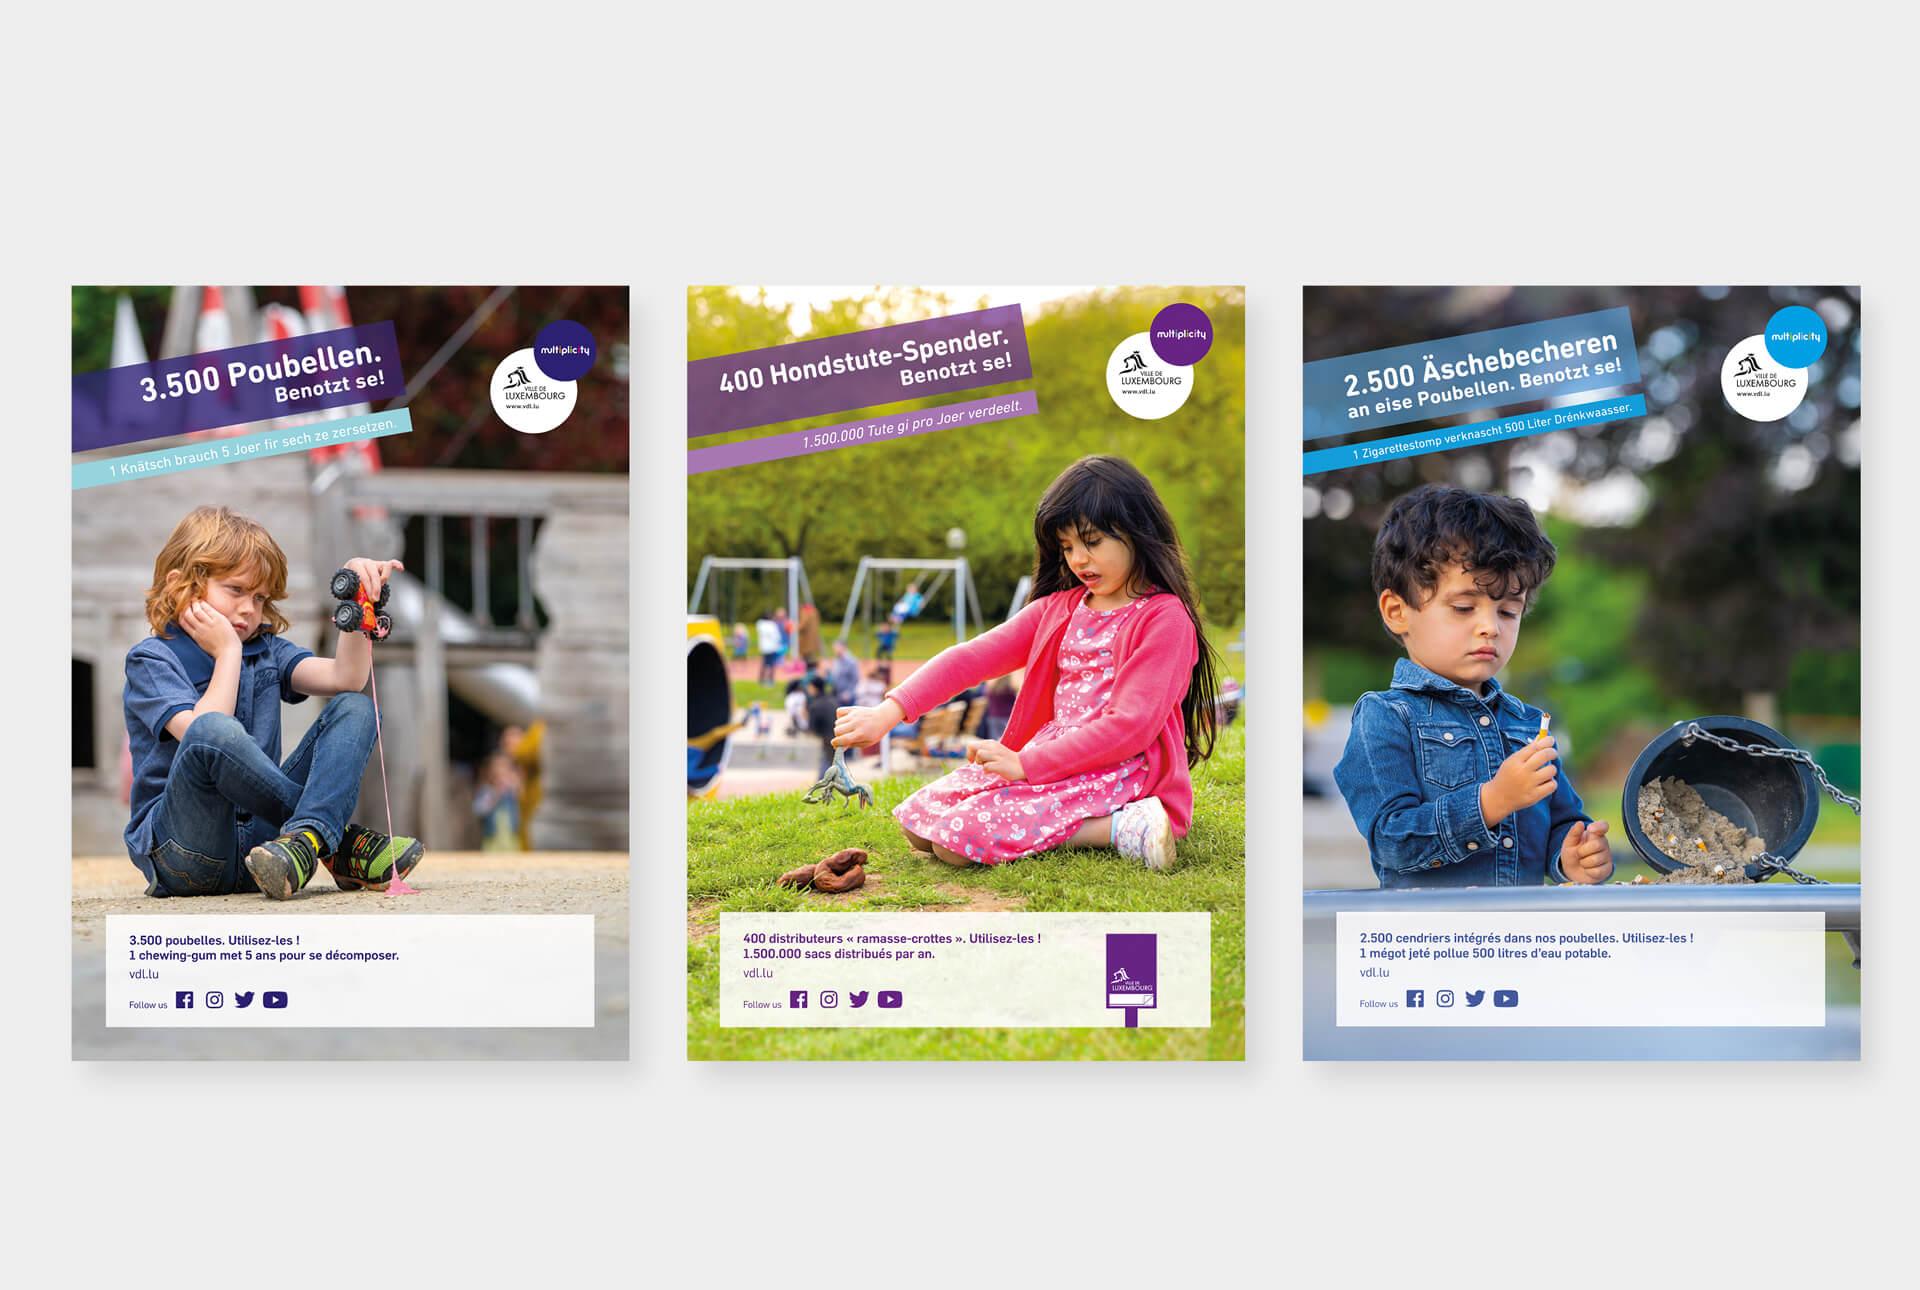 Affiches de la campagne anti-littering développée par le studio graphique Comed pour la ville de Luxembourg